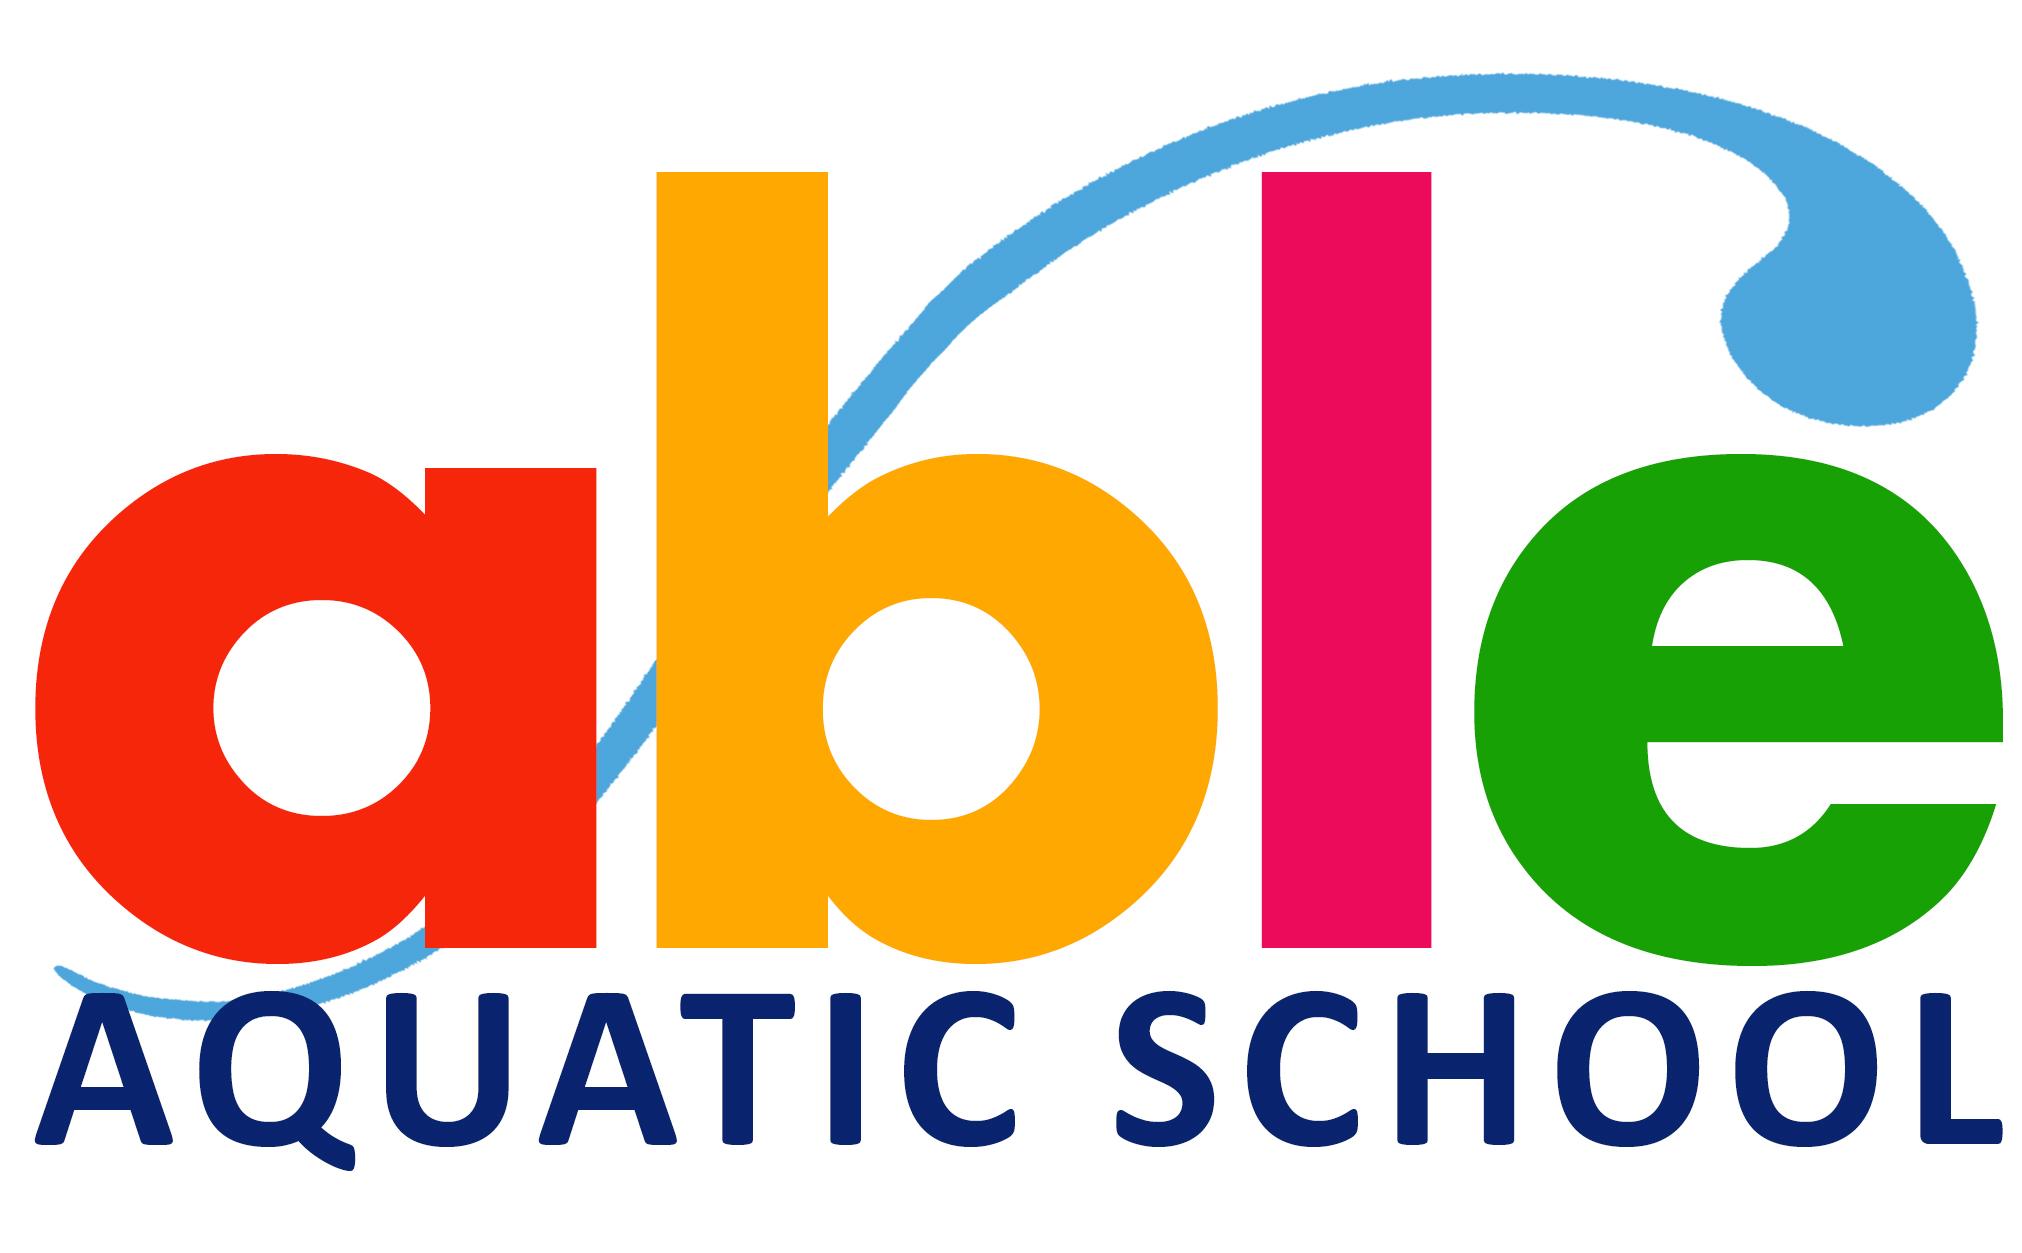 Able Aquatic School